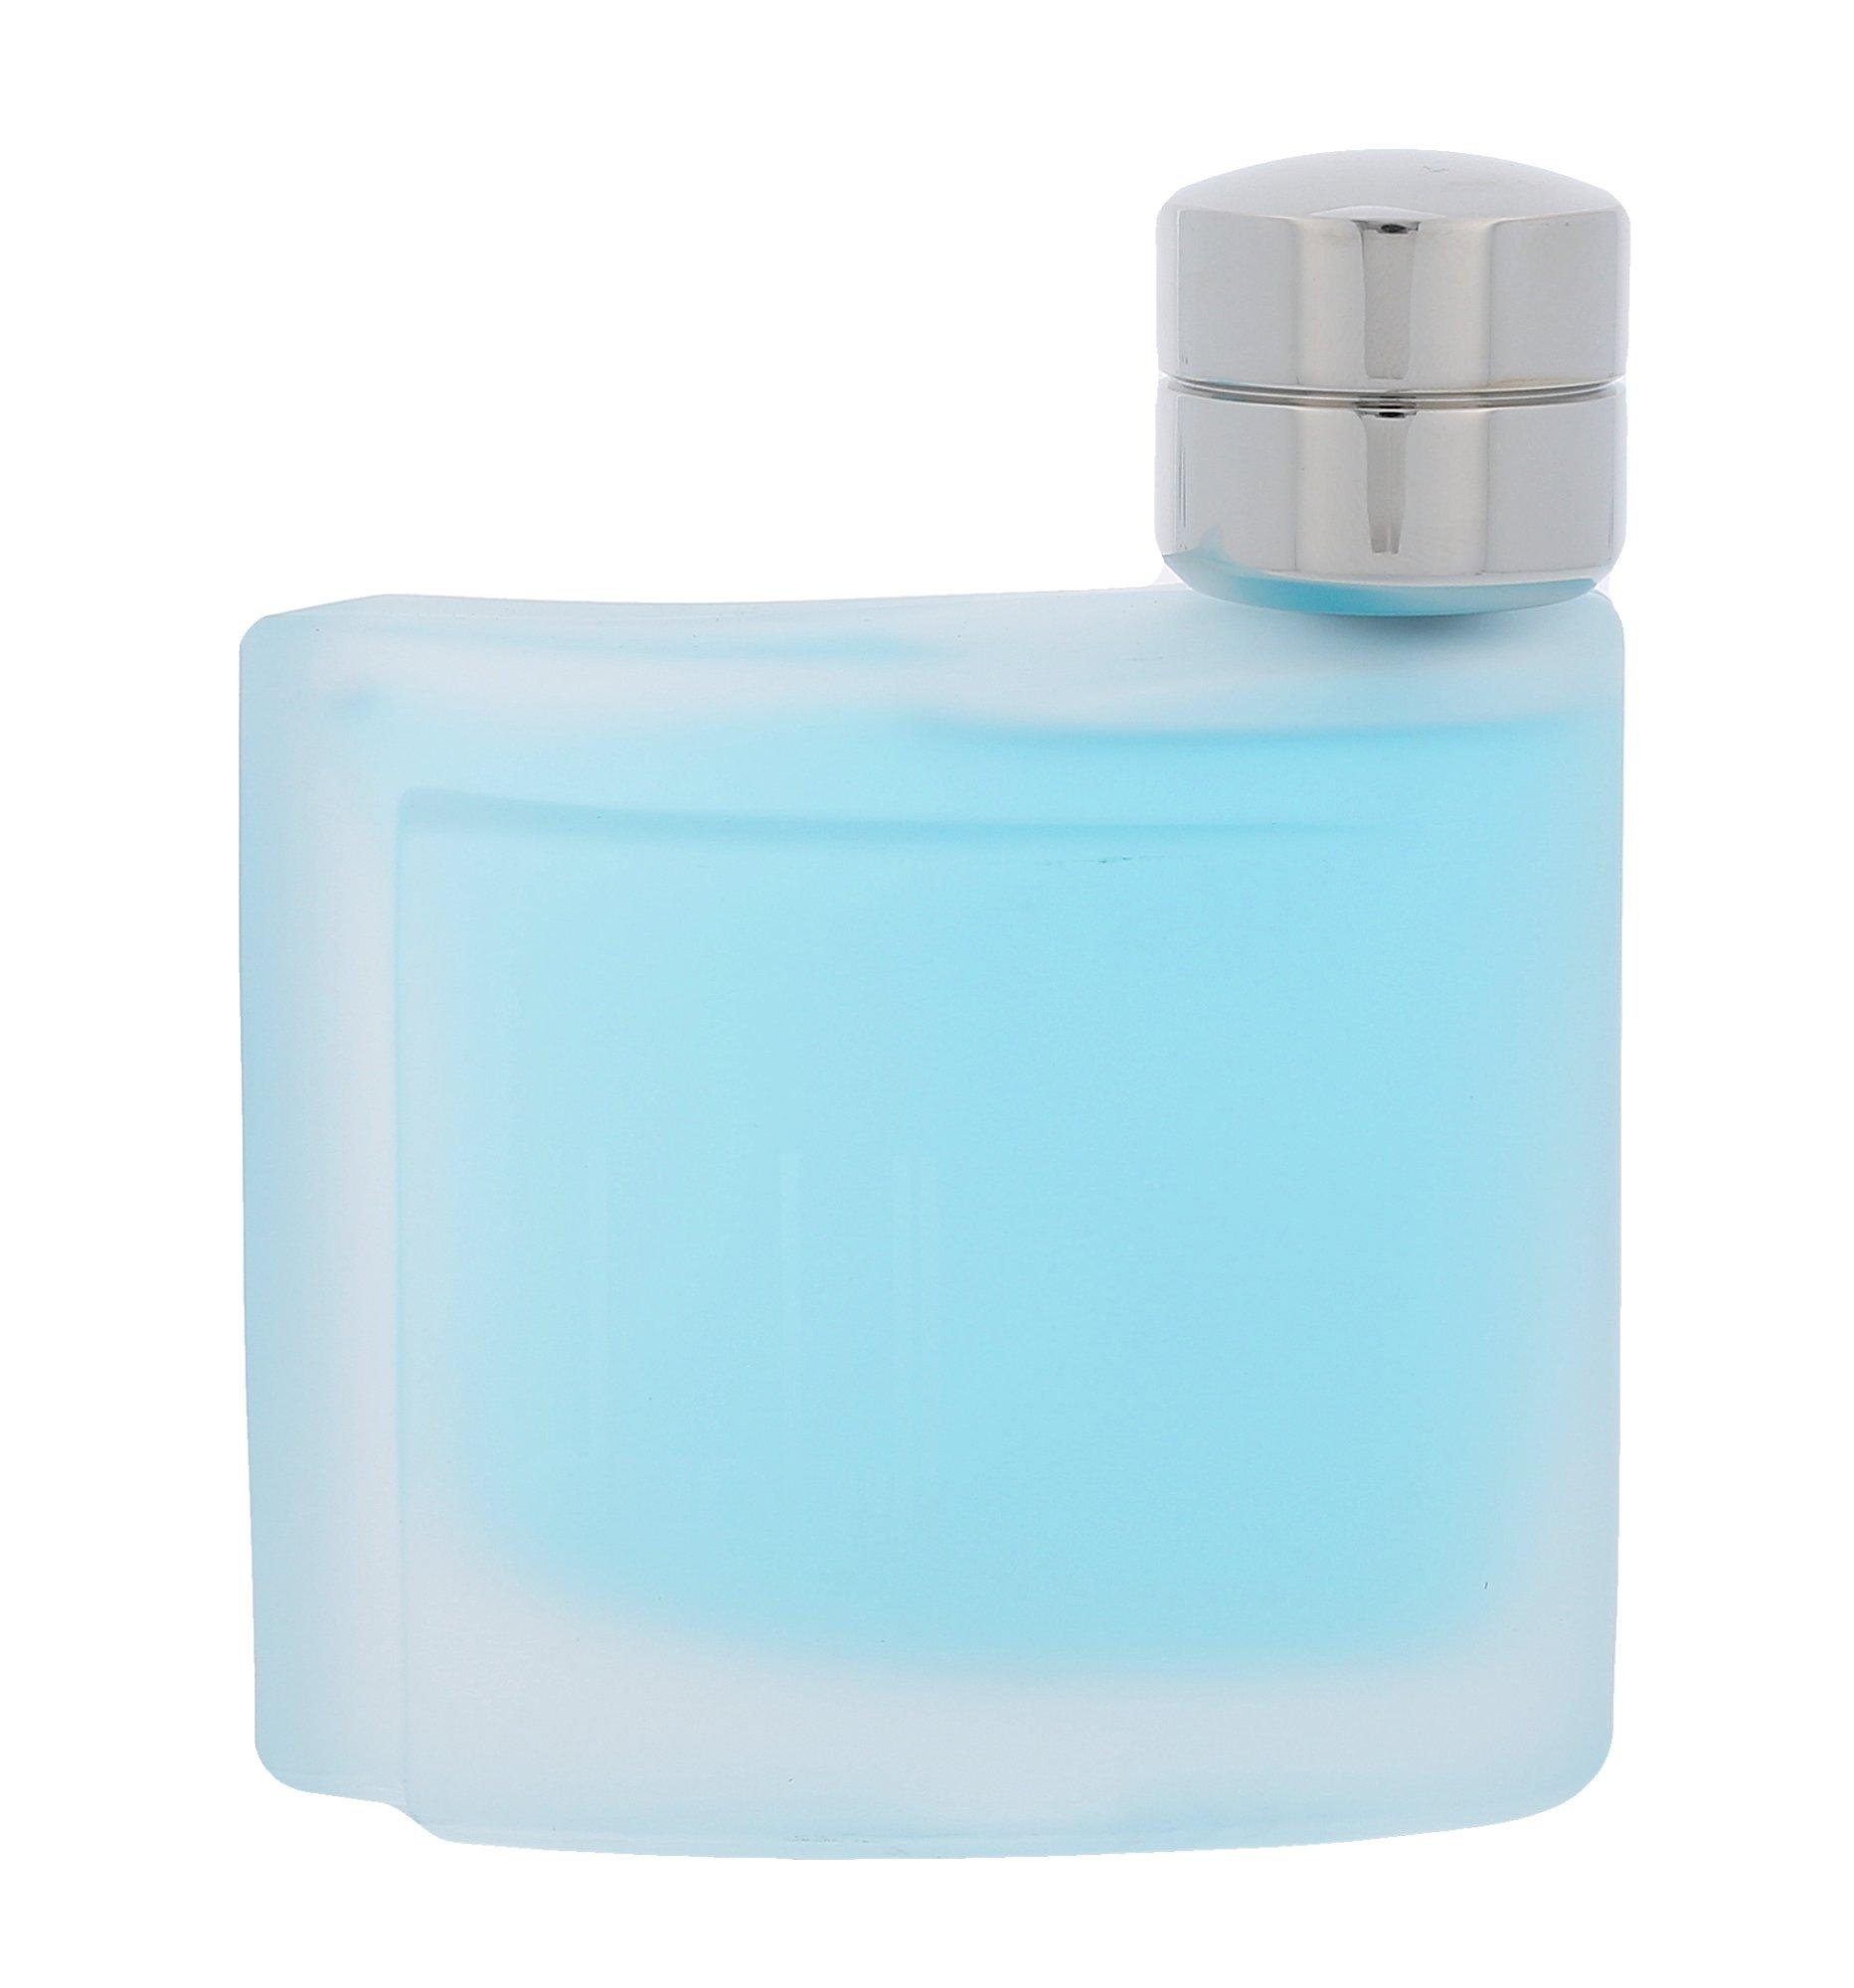 Dunhill Pure, Toaletná voda 75ml